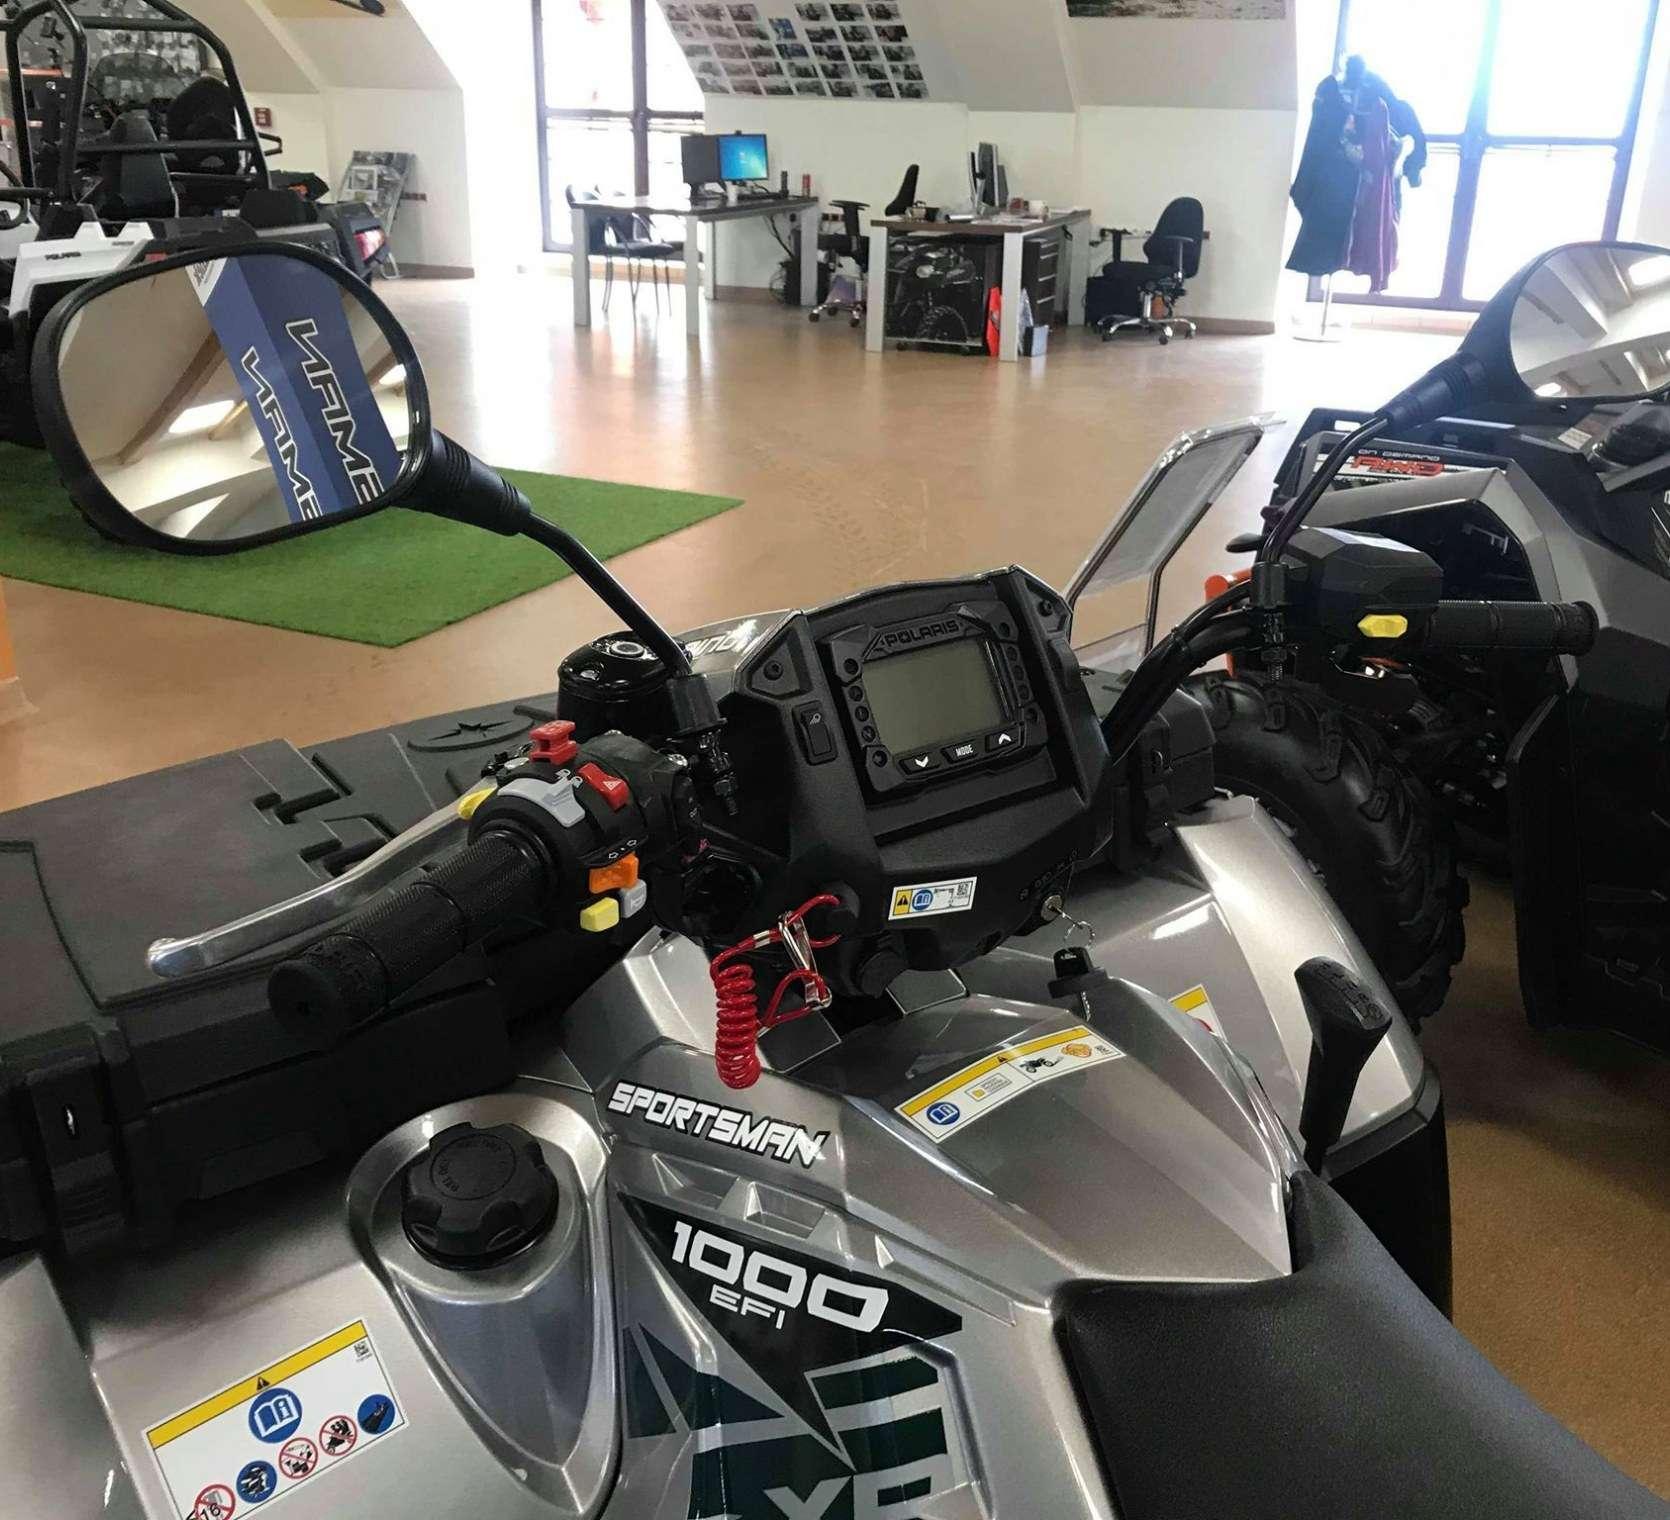 Kierownica i wyświetlacz ciągnika Polaris Sportsman 1000 Touring z oferty www.korbanek.pl